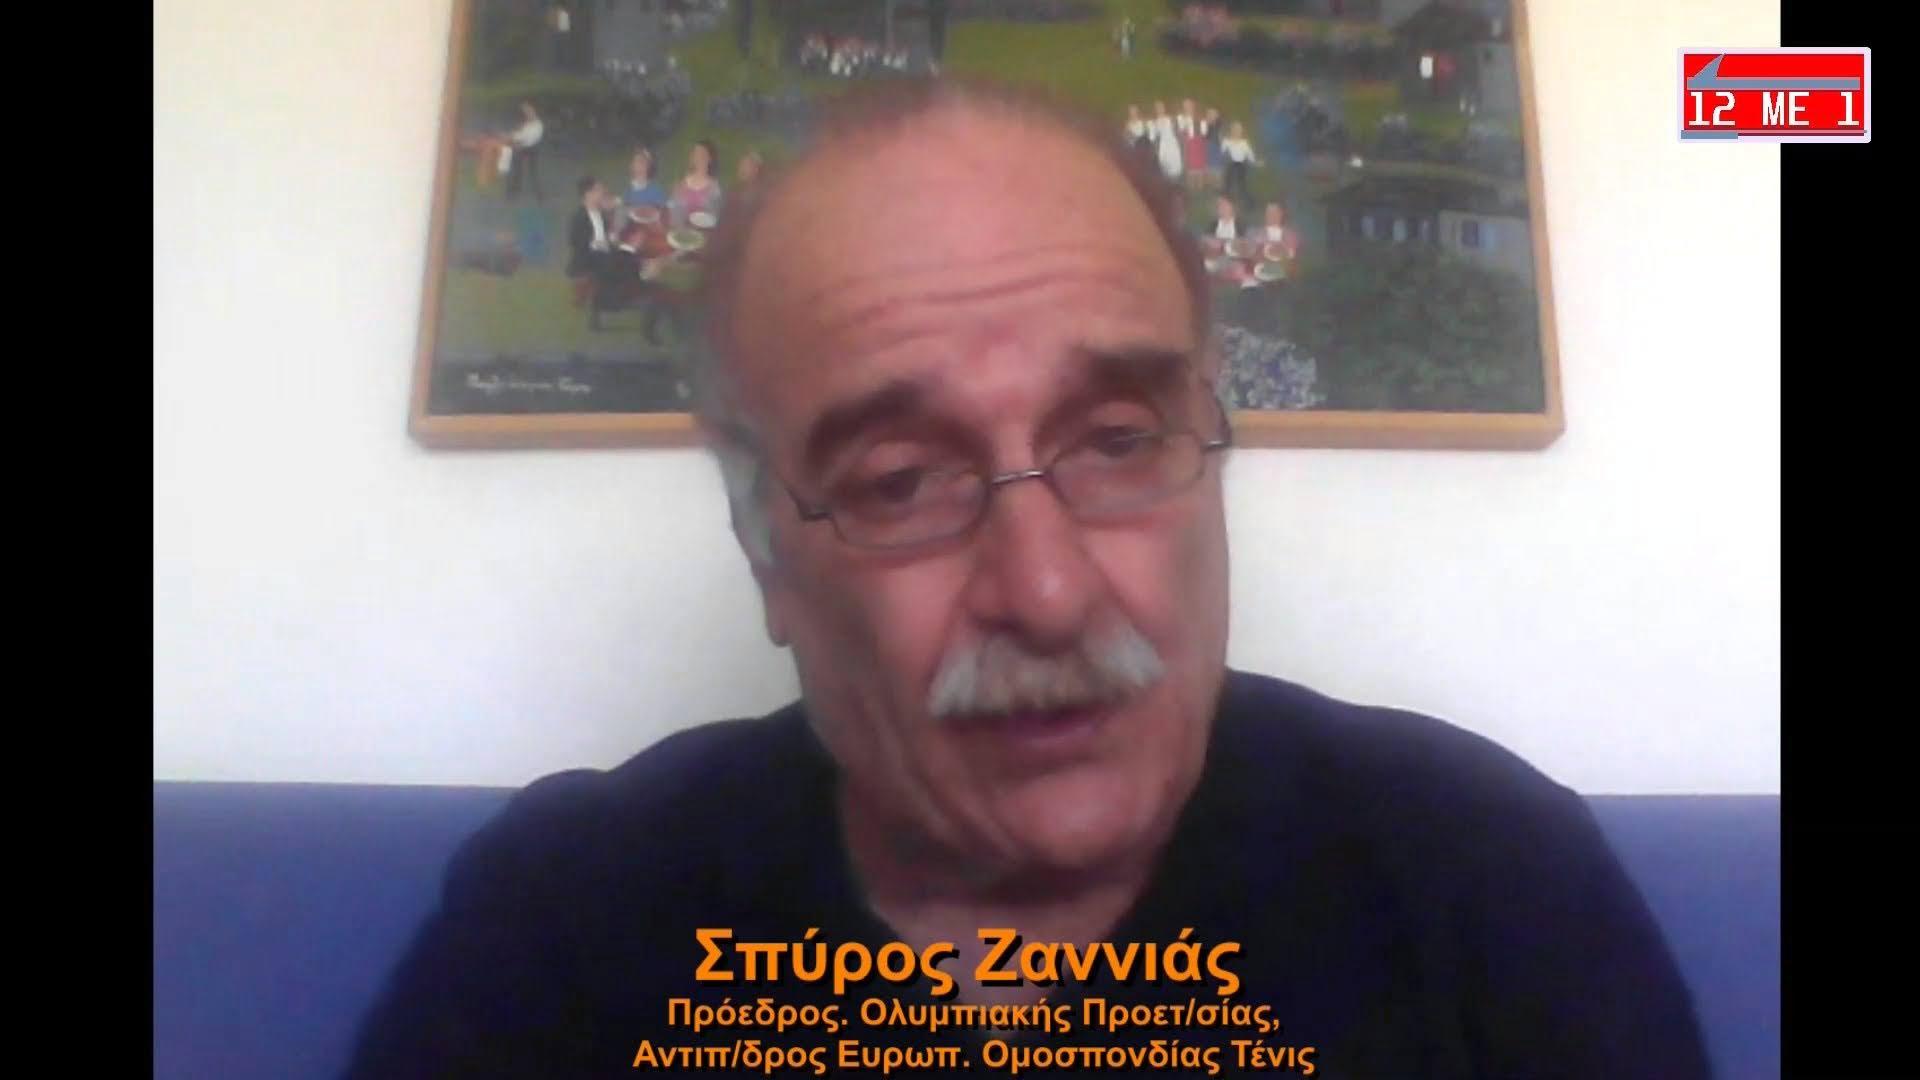 Σπύρος Ζαννιάς: Οι μεγάλες νίκες ανήκουν στους αθλητές. Κομματικοποιήθηκαν οι εκλογές.